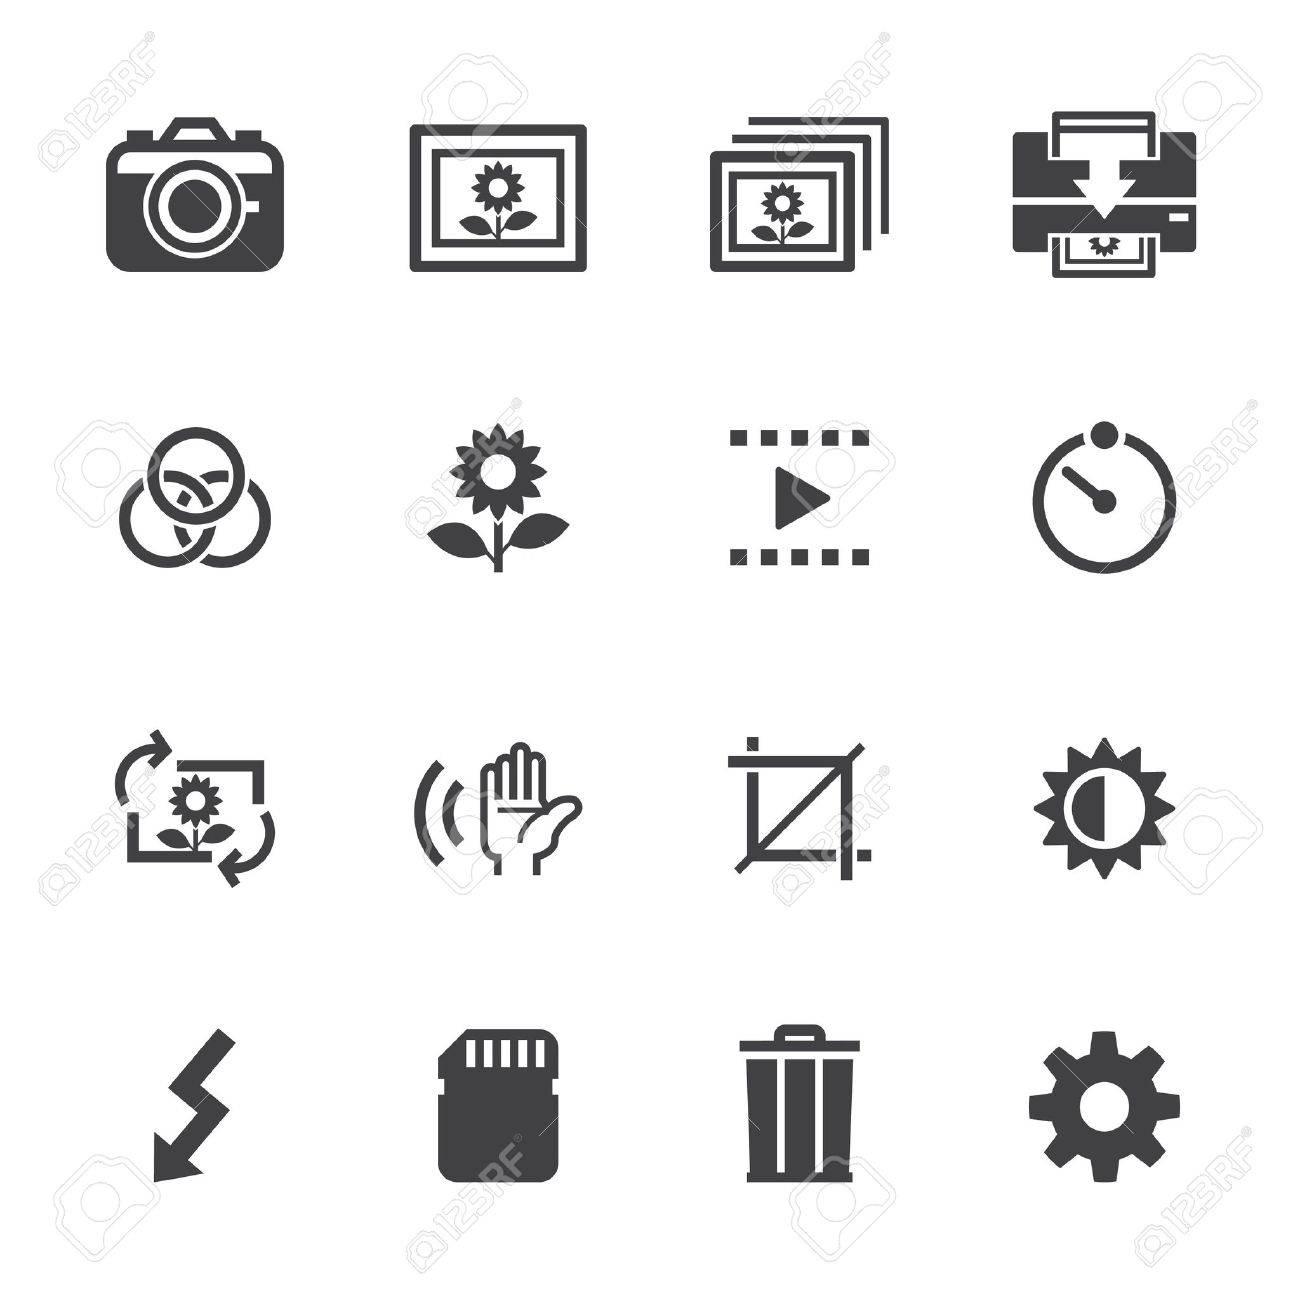 Fotografie Symbole Und Icons Kamera-Funktion Mit Weißem Hintergrund ...